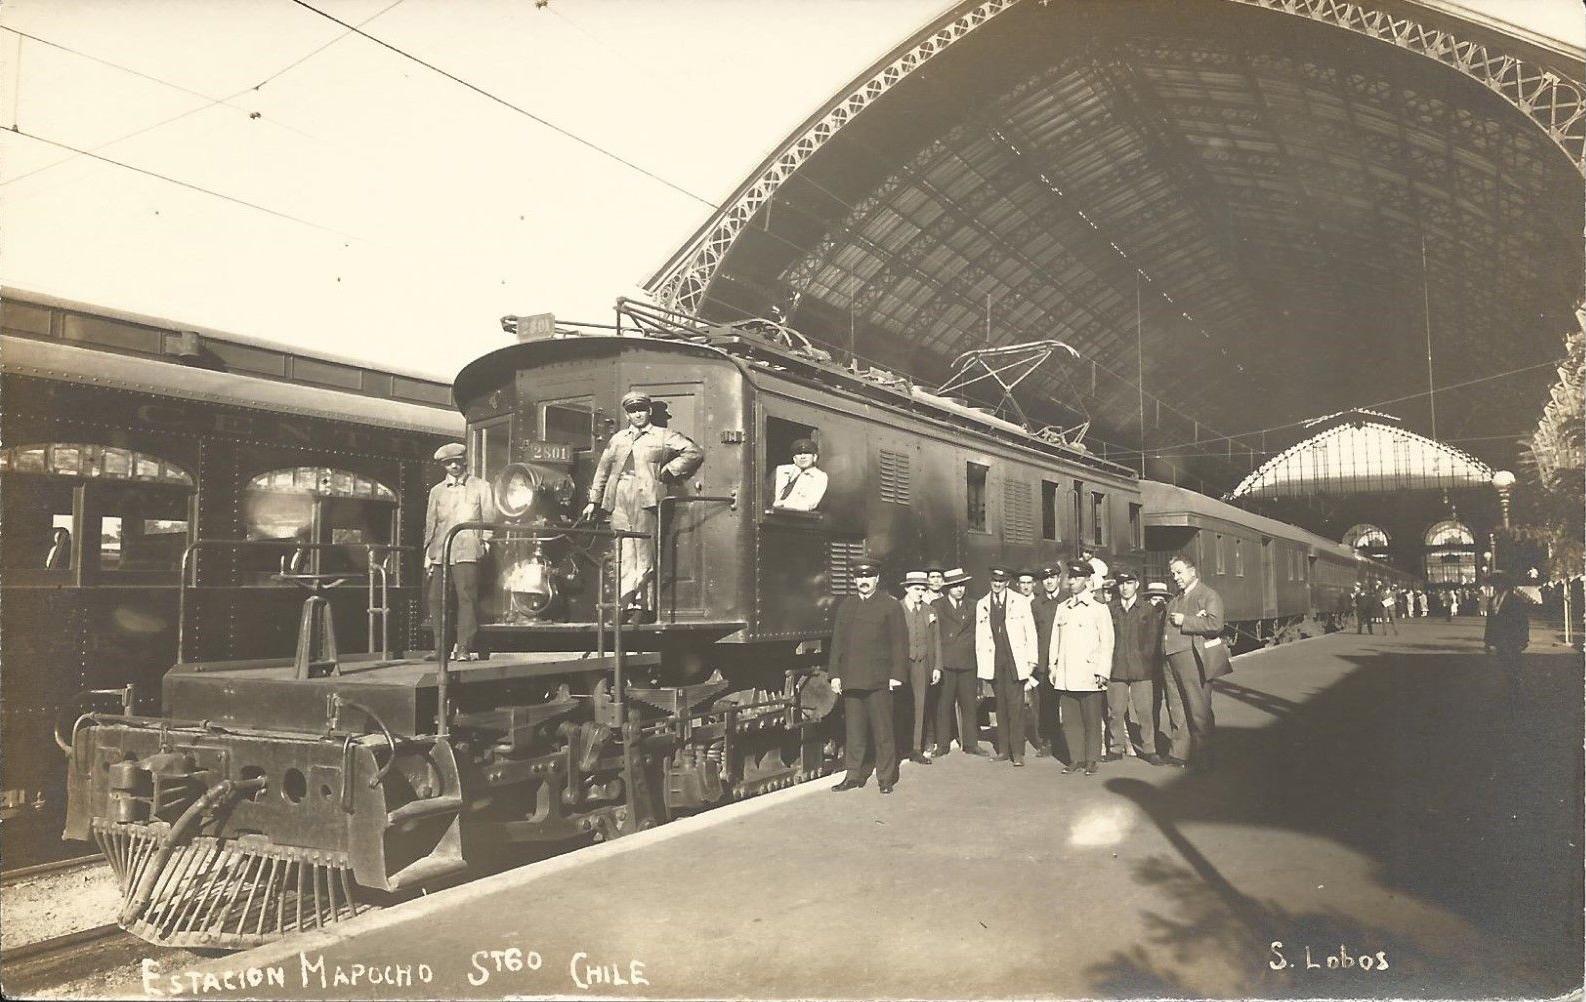 Enterreno - Fotos históricas de chile - fotos antiguas de Chile - Tren expreso a Valparaíso en 1925